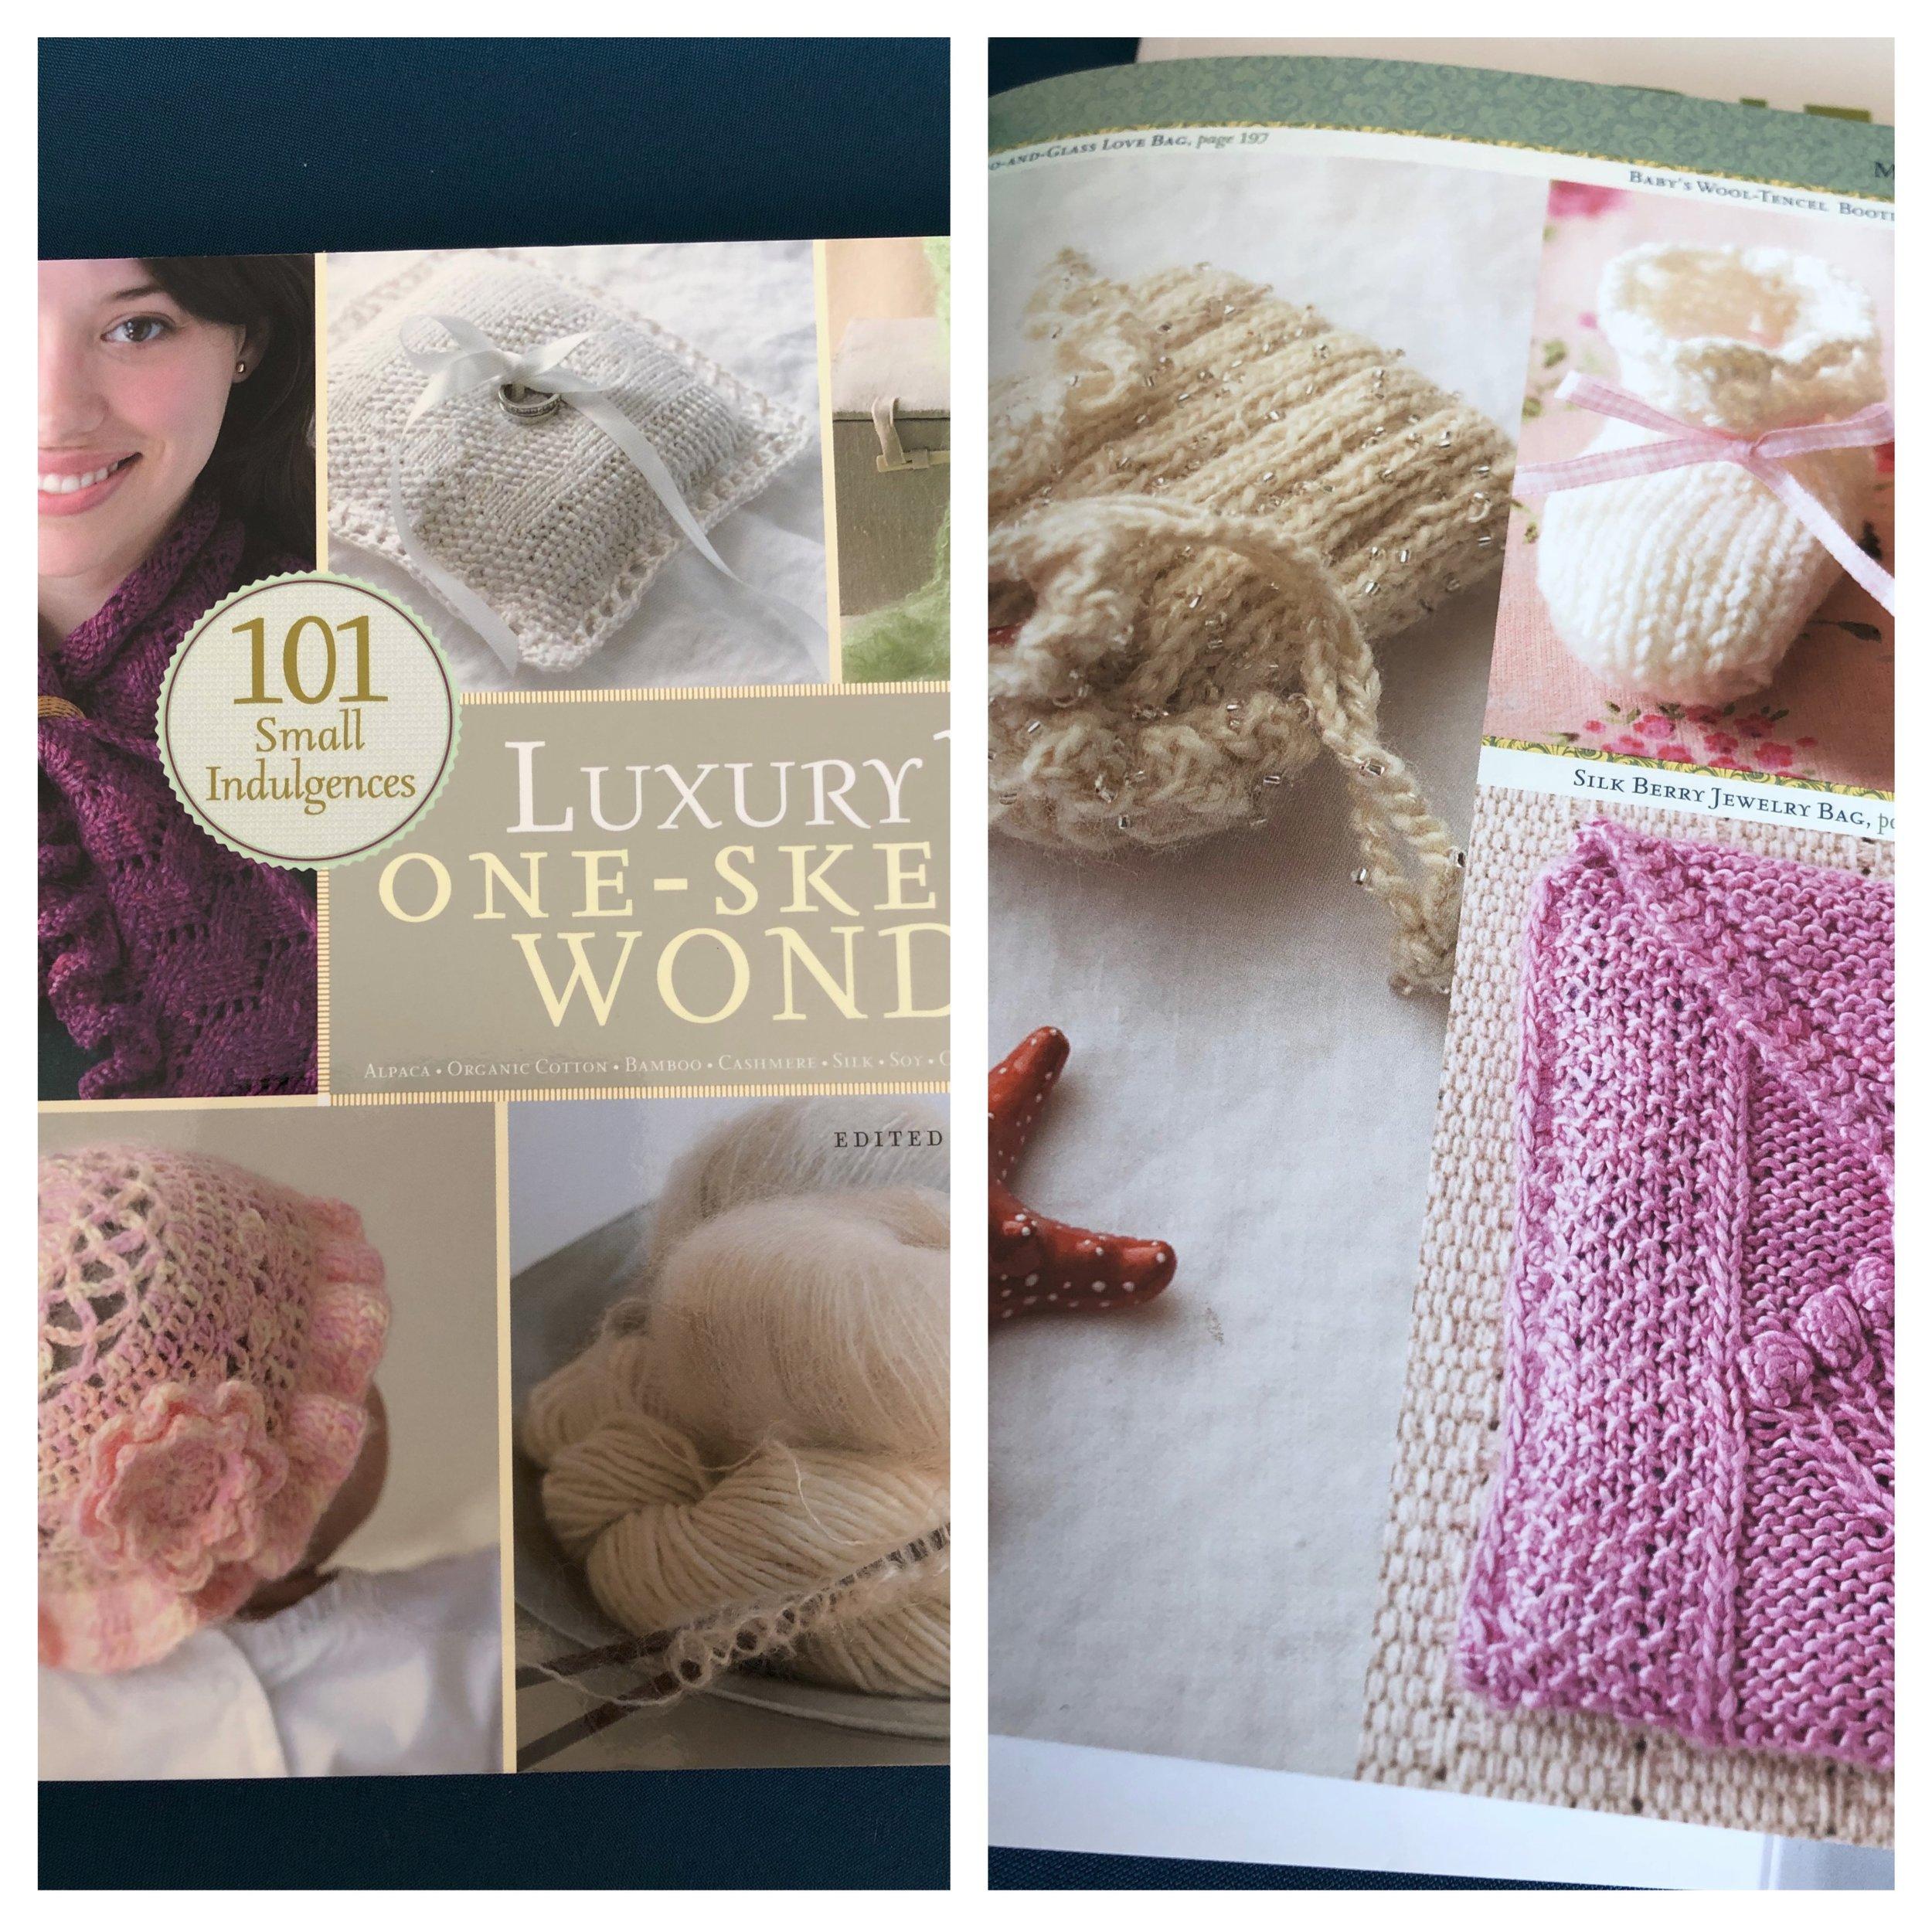 Luxury Yarn one skein Wonders edited by Judith Durant.